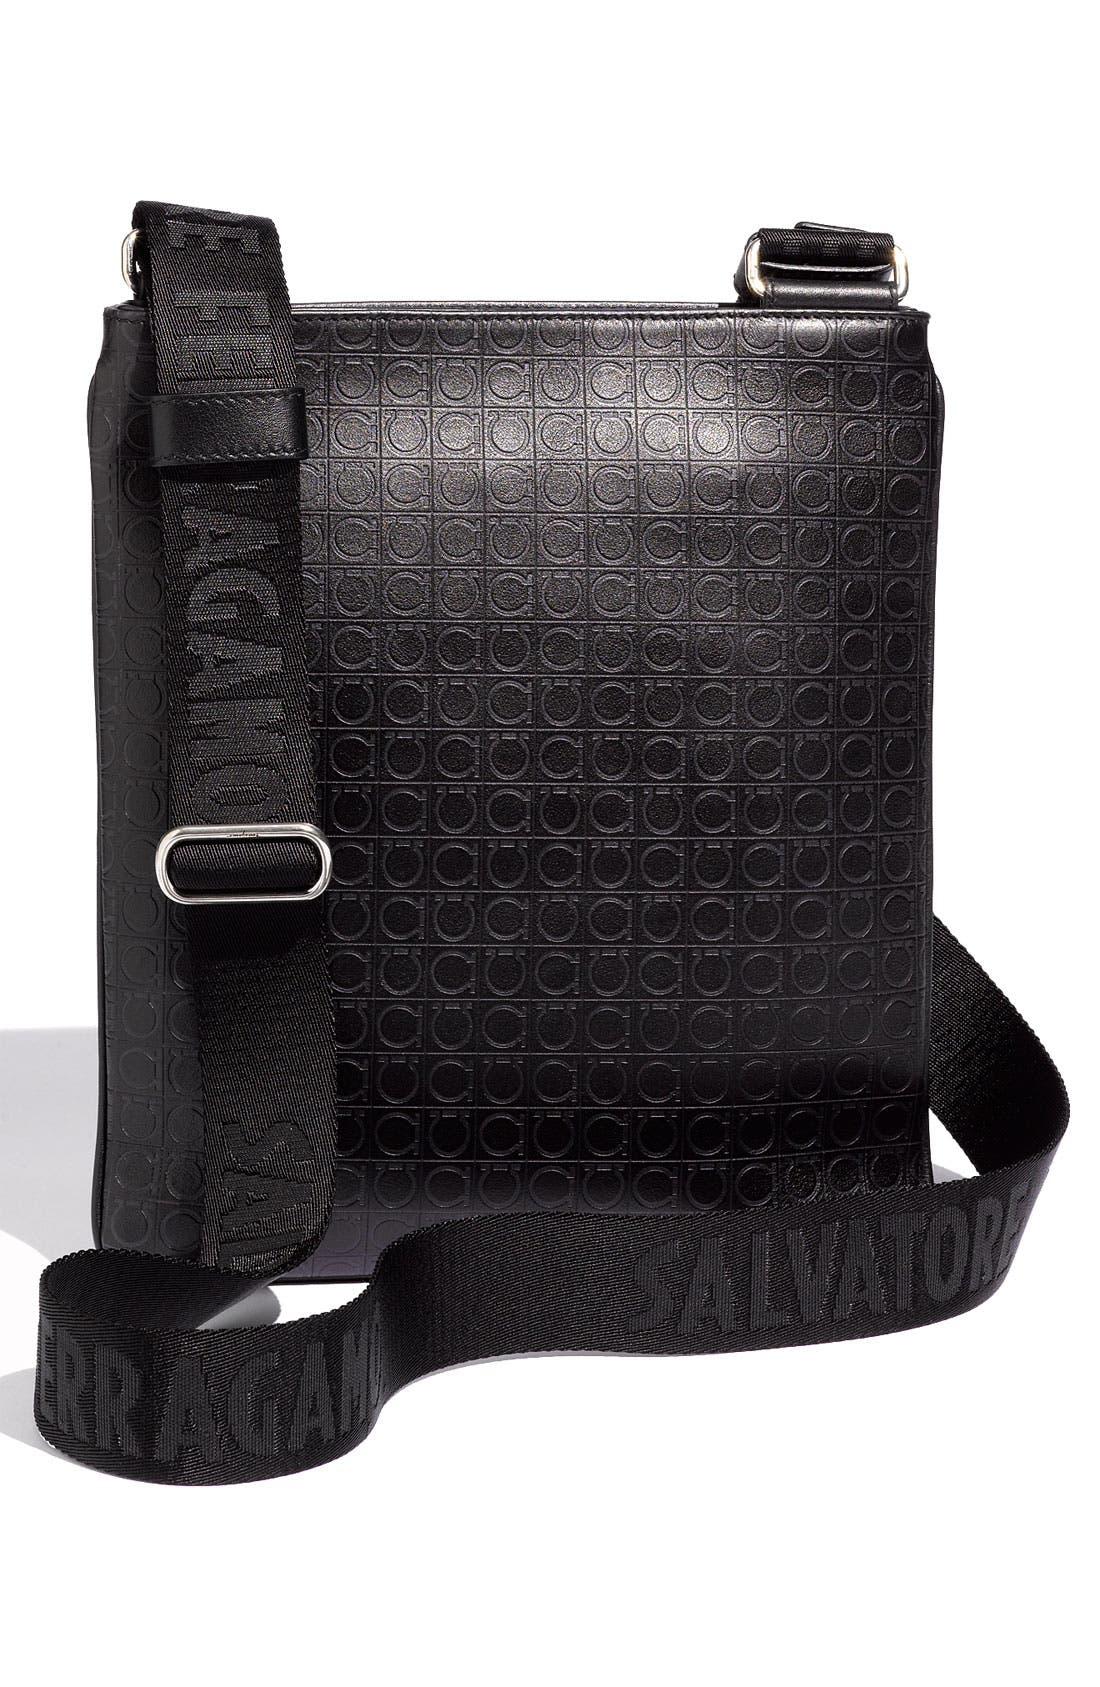 Alternate Image 2  - Salvatore Ferragamo 'Gamma' Messenger Bag